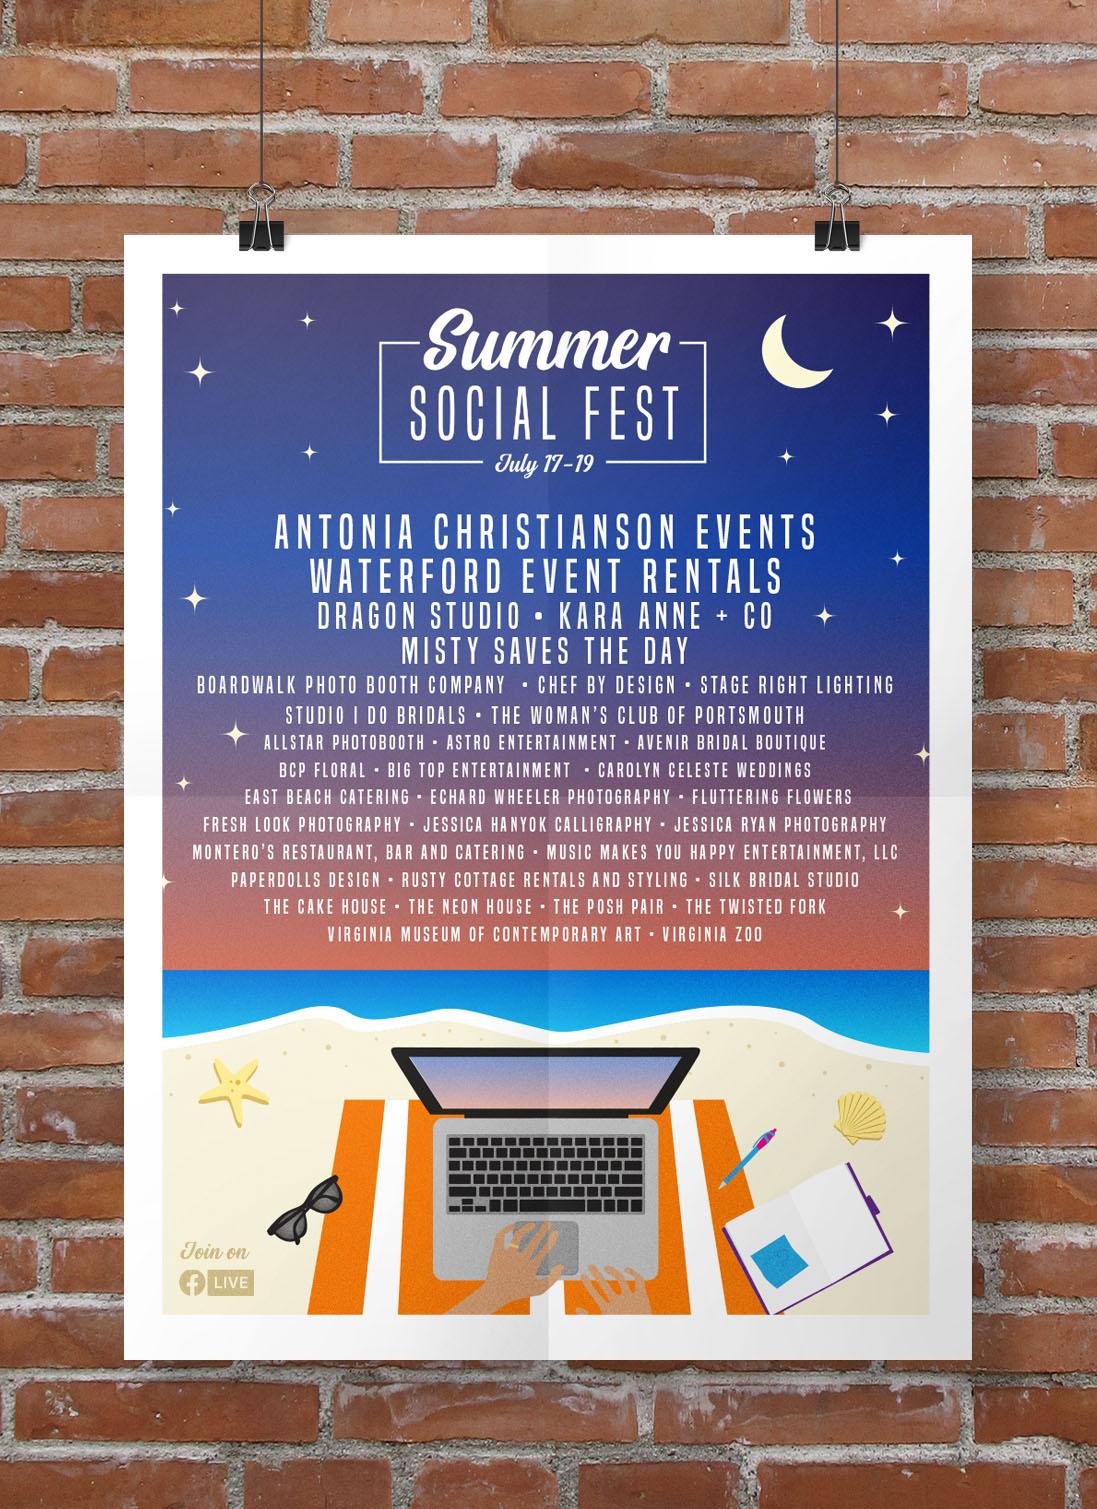 The Summer Social Fest 2020